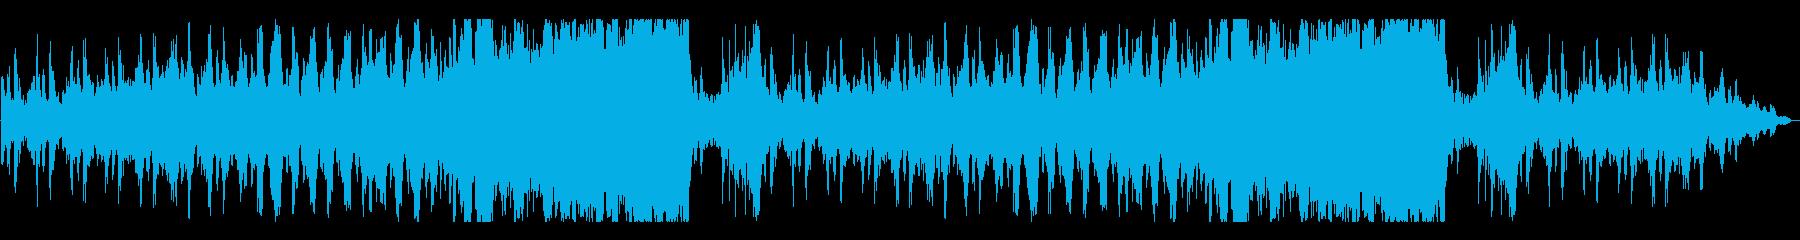 オーケストラ戦闘曲 強大な力に立ち向かうの再生済みの波形